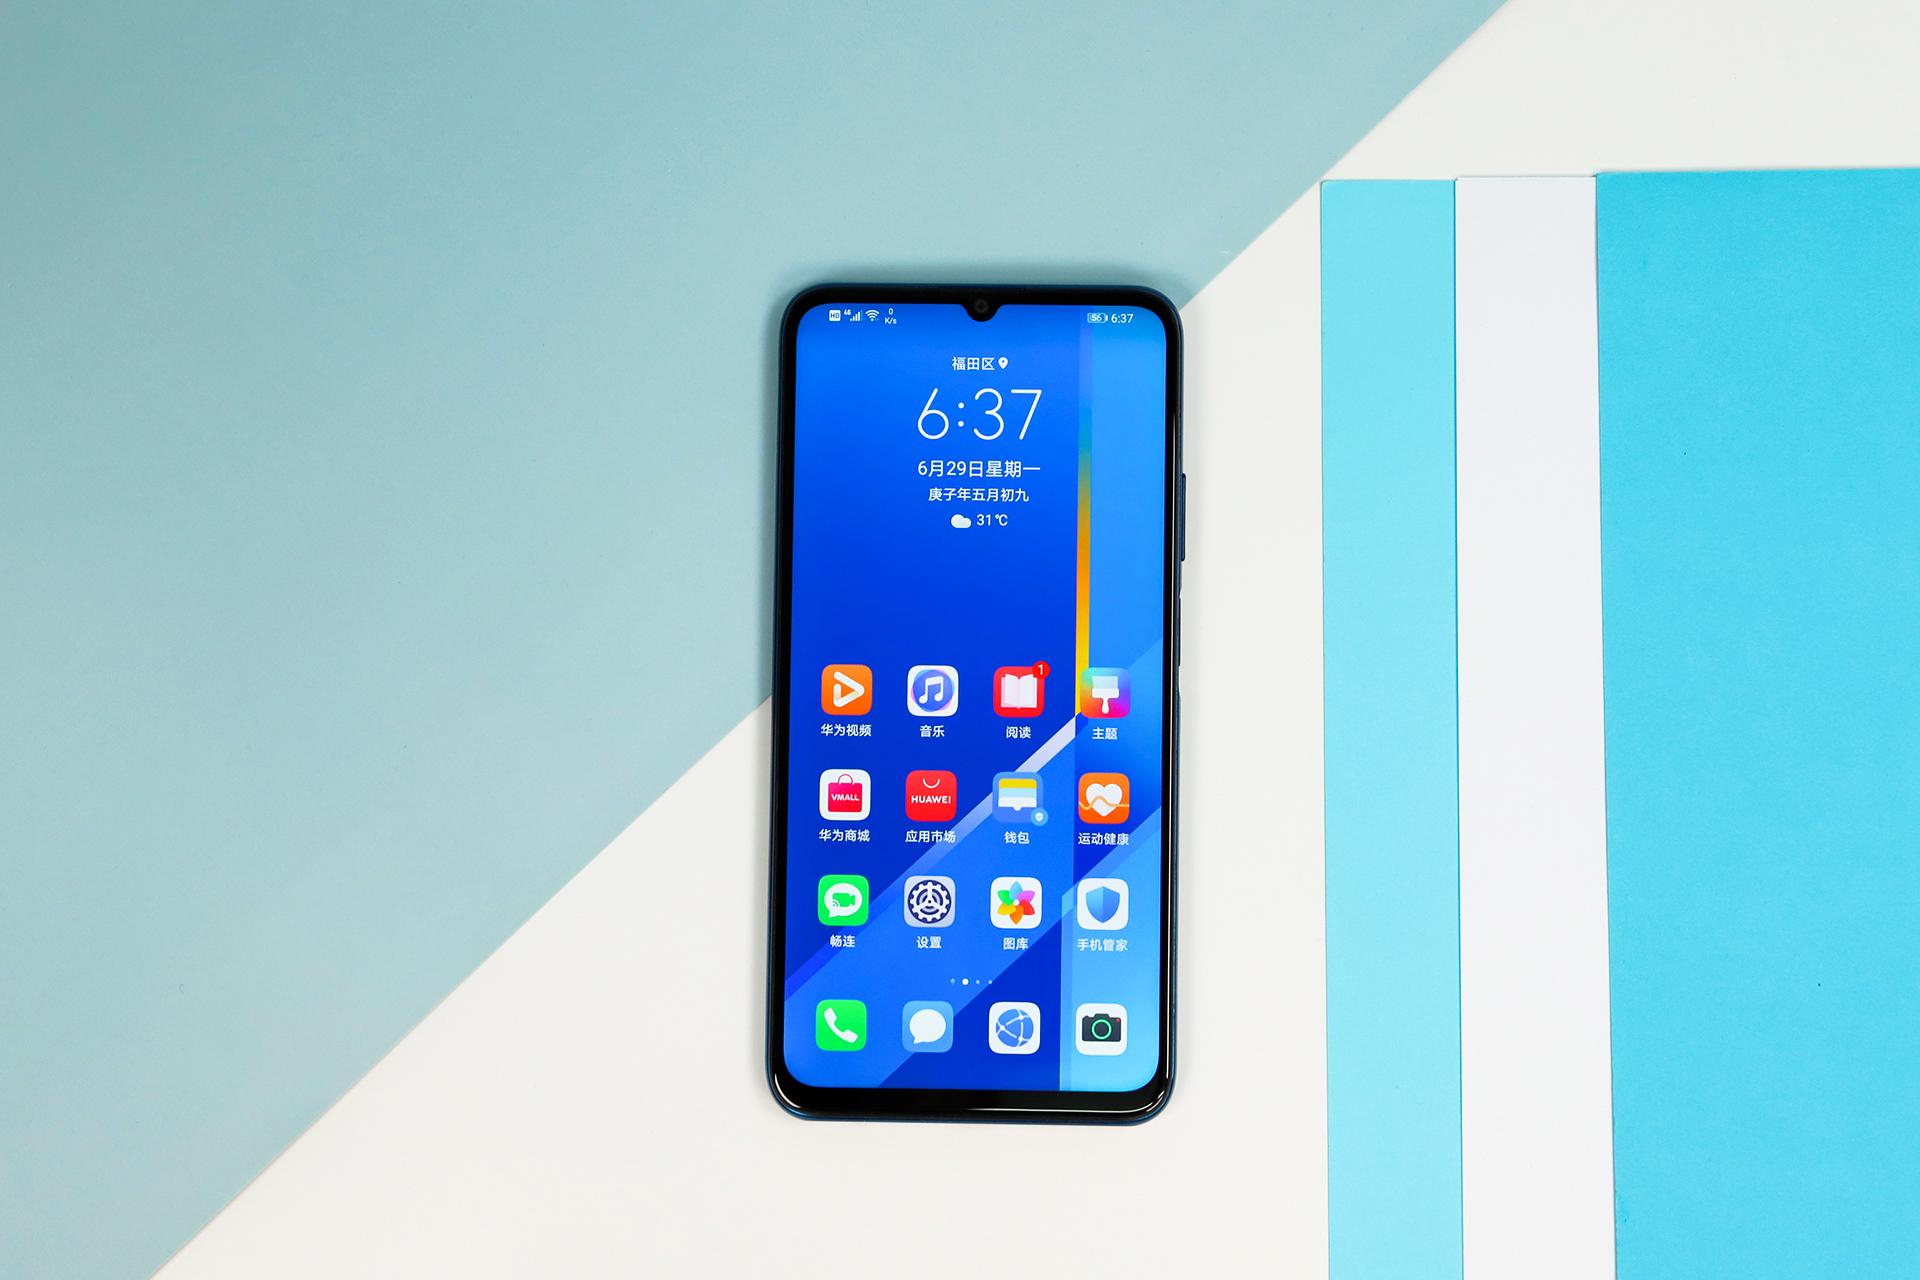 荣耀X10Max详细评测:屏幕超大的长续航影音5G手机